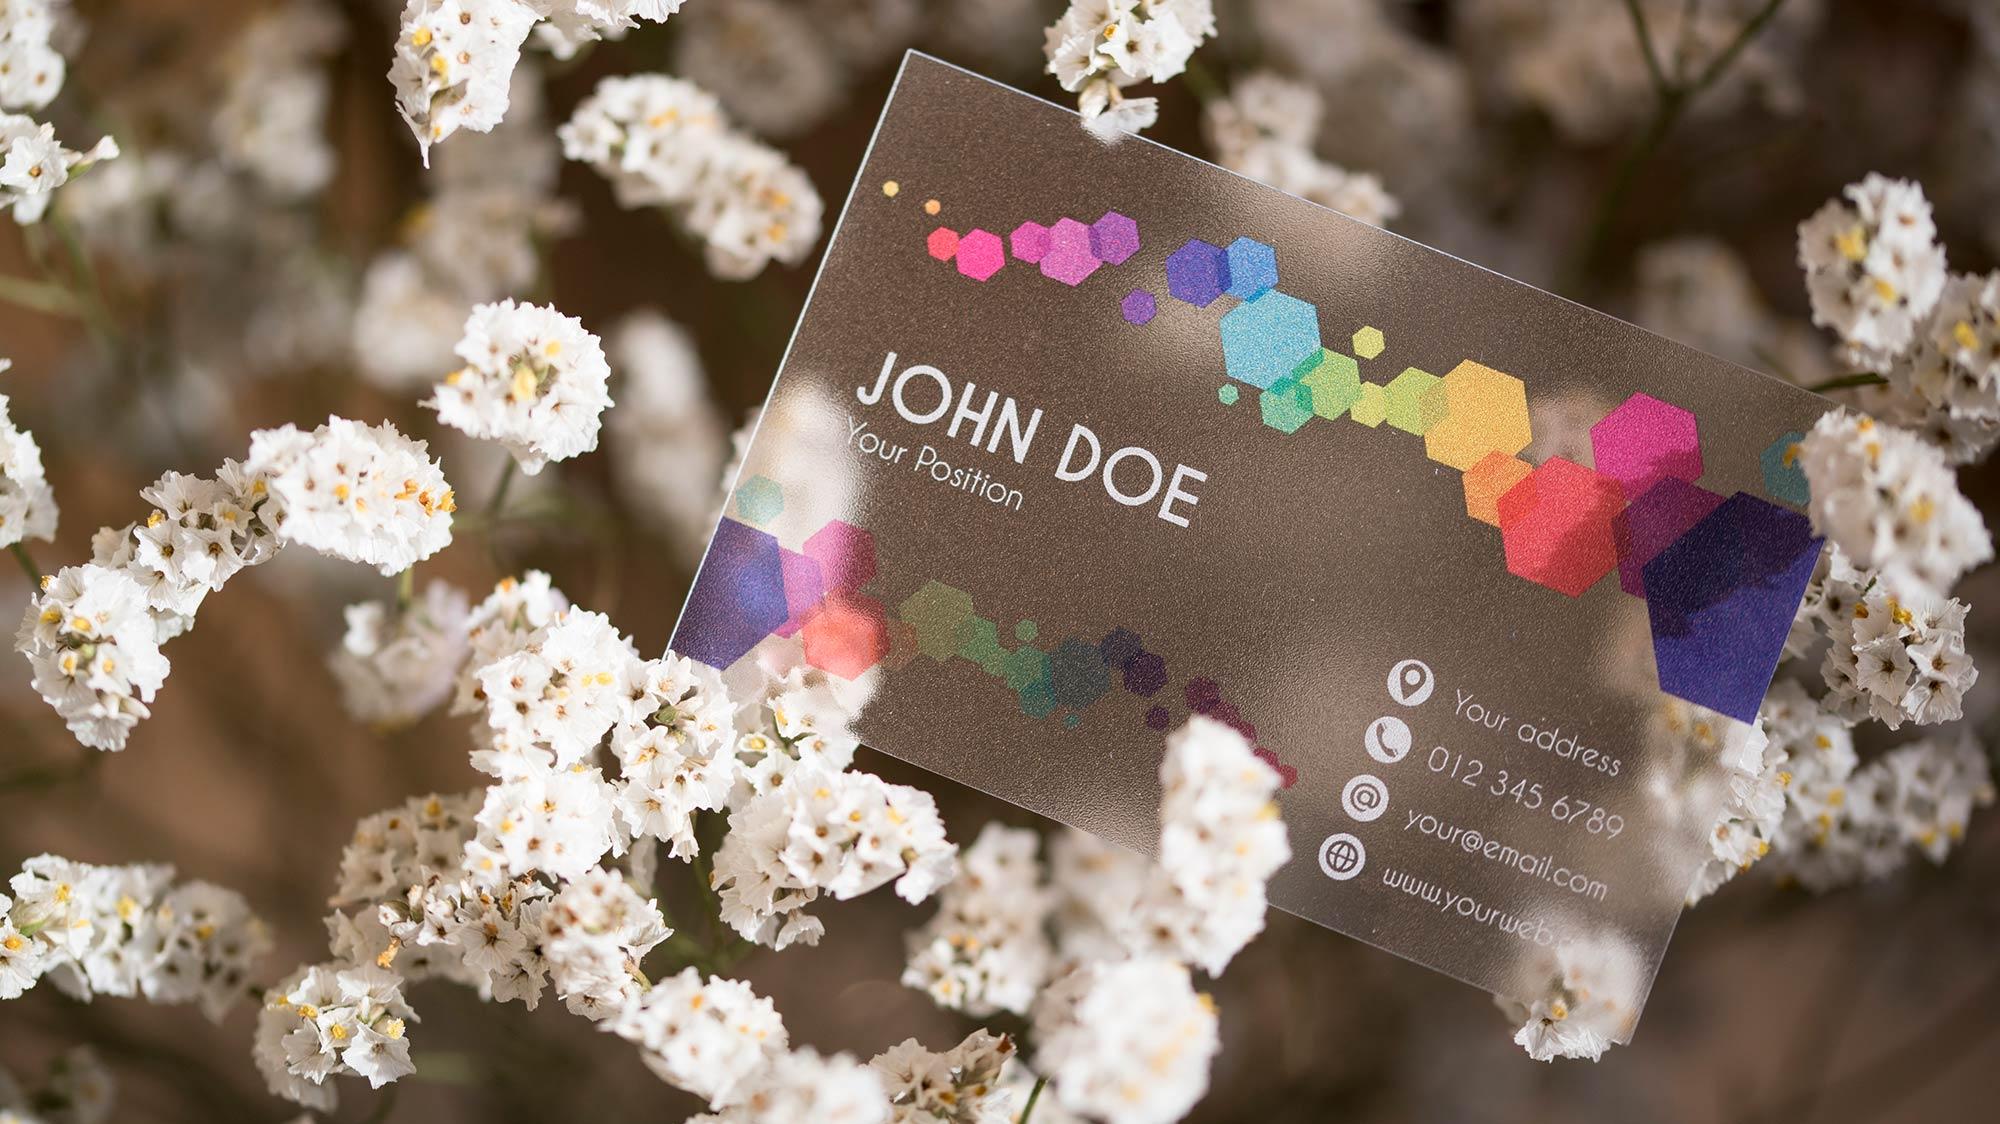 Biglietti da visita trasparenti su PVC satinato da 300 micron, li trovi da CREA TO PRINT con colori arcobaleno e scritte bianche.